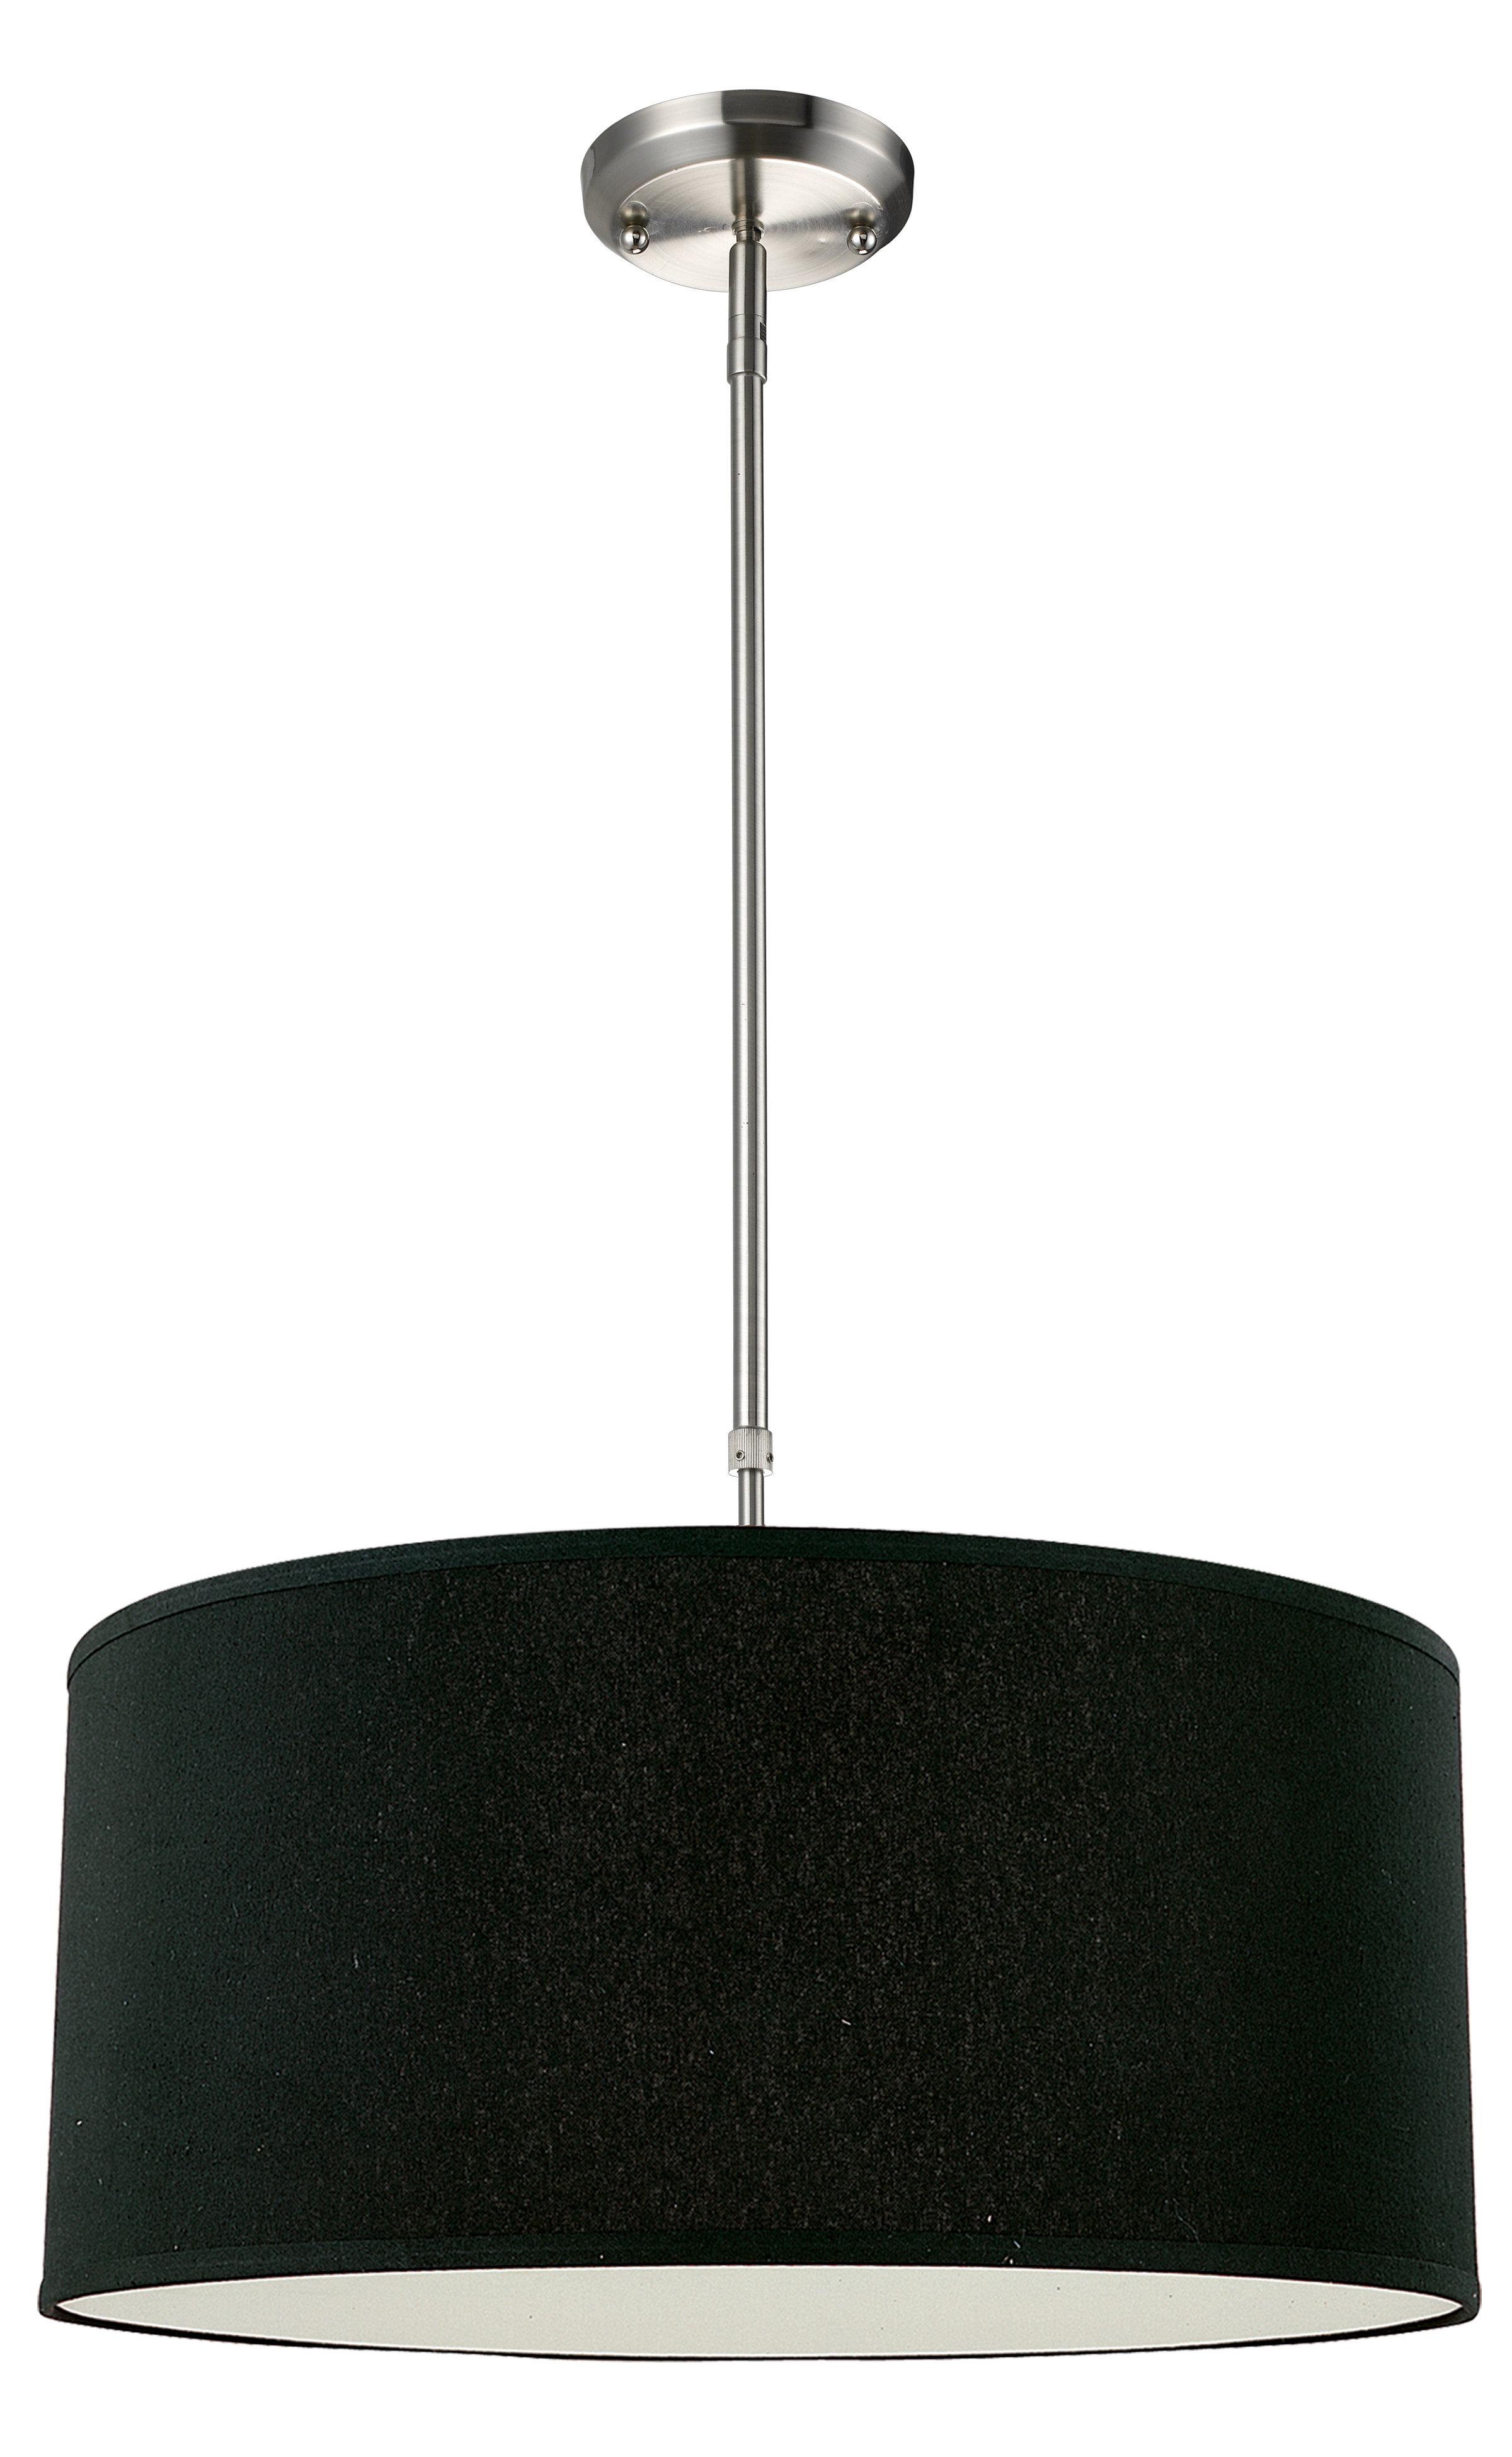 2019 Kasey 3-Light Single Drum Pendants inside Kasey 3-Light Drum Pendant